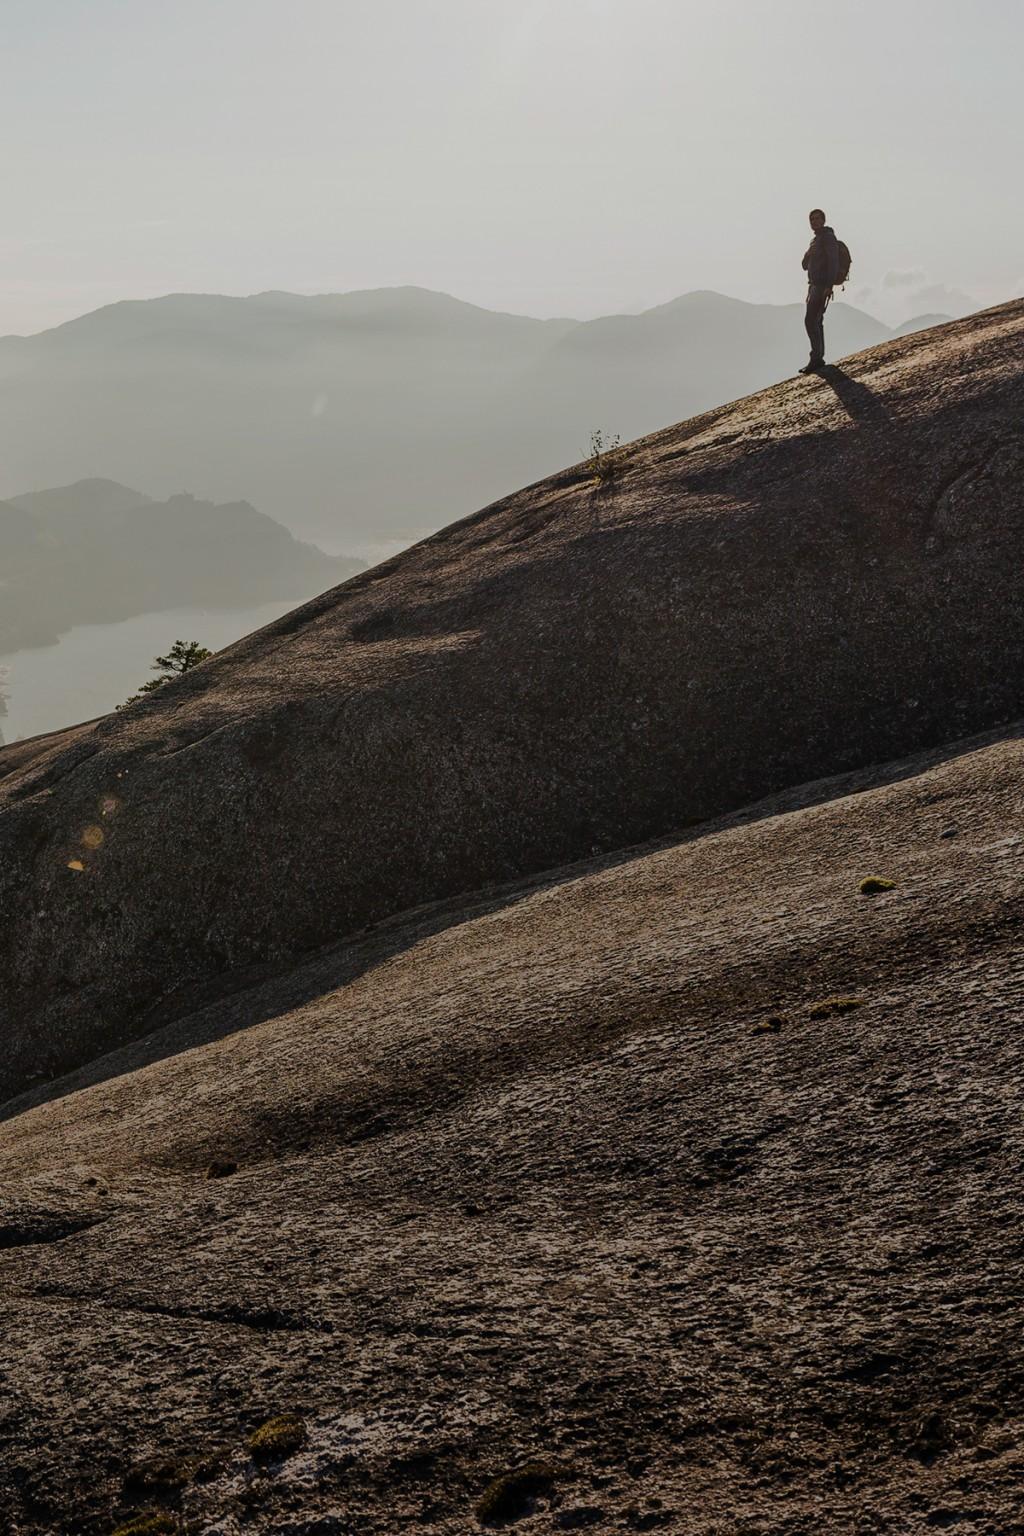 Wanderer auf Felsmassiv inmitten einsamer Berglandschaft im Portraitmodus.